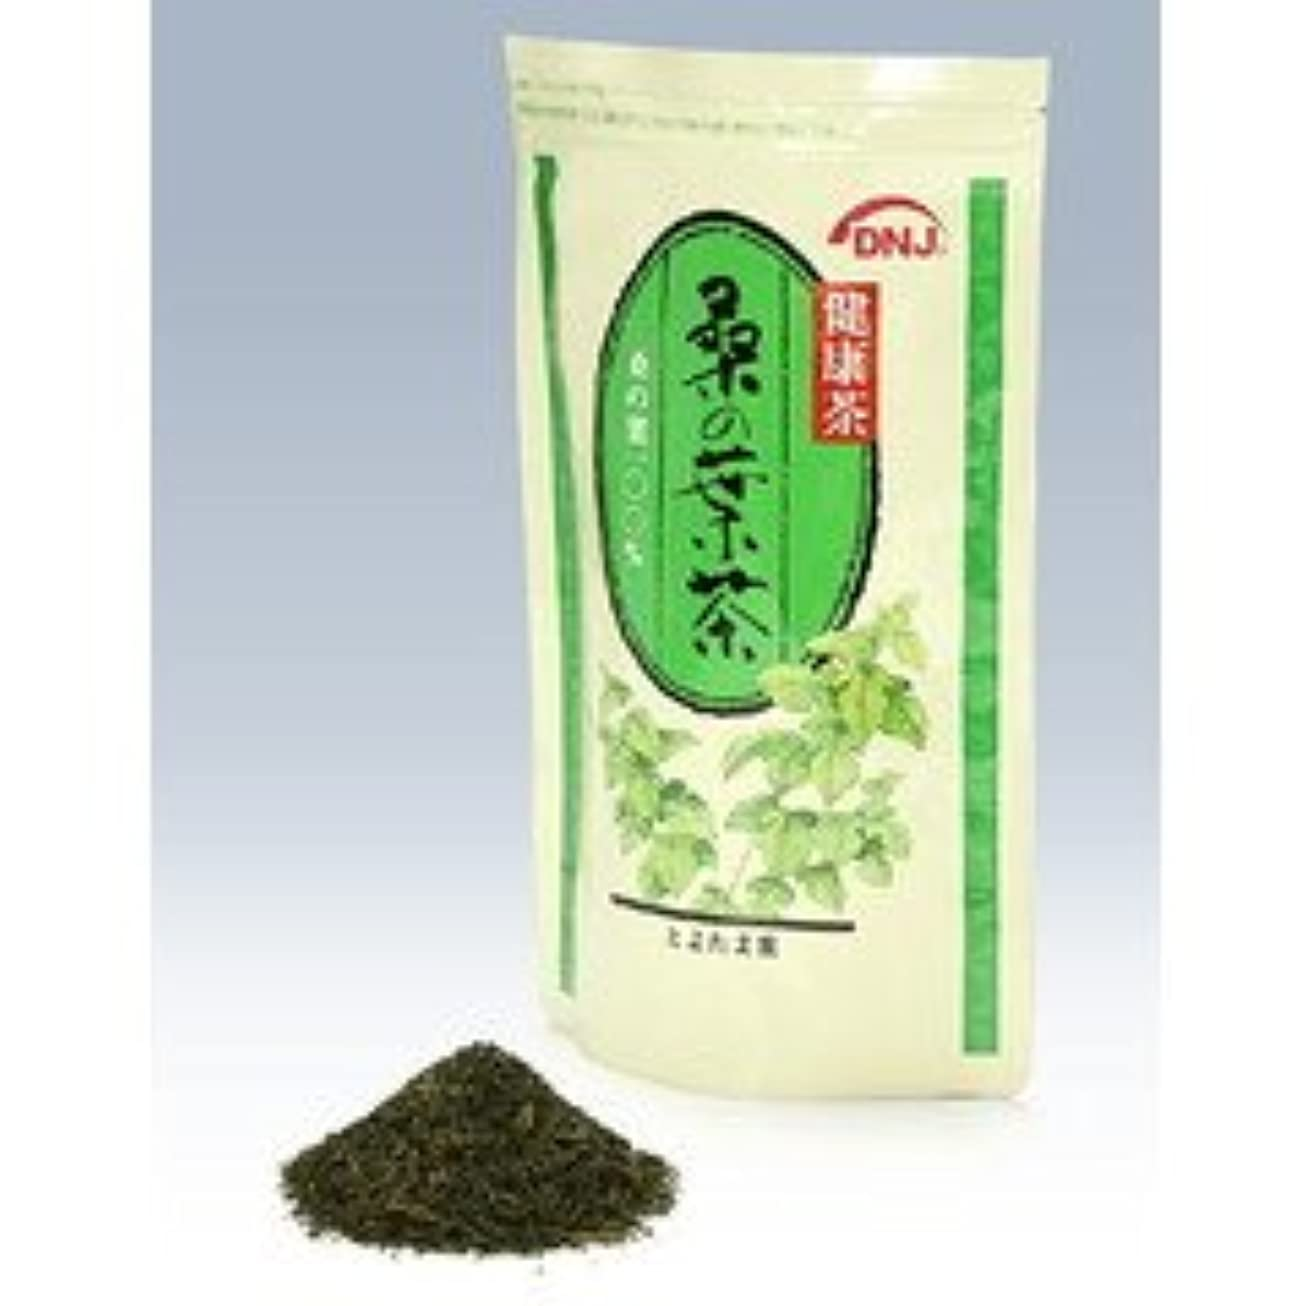 雑品底石のトヨタマ 桑の葉茶 90g